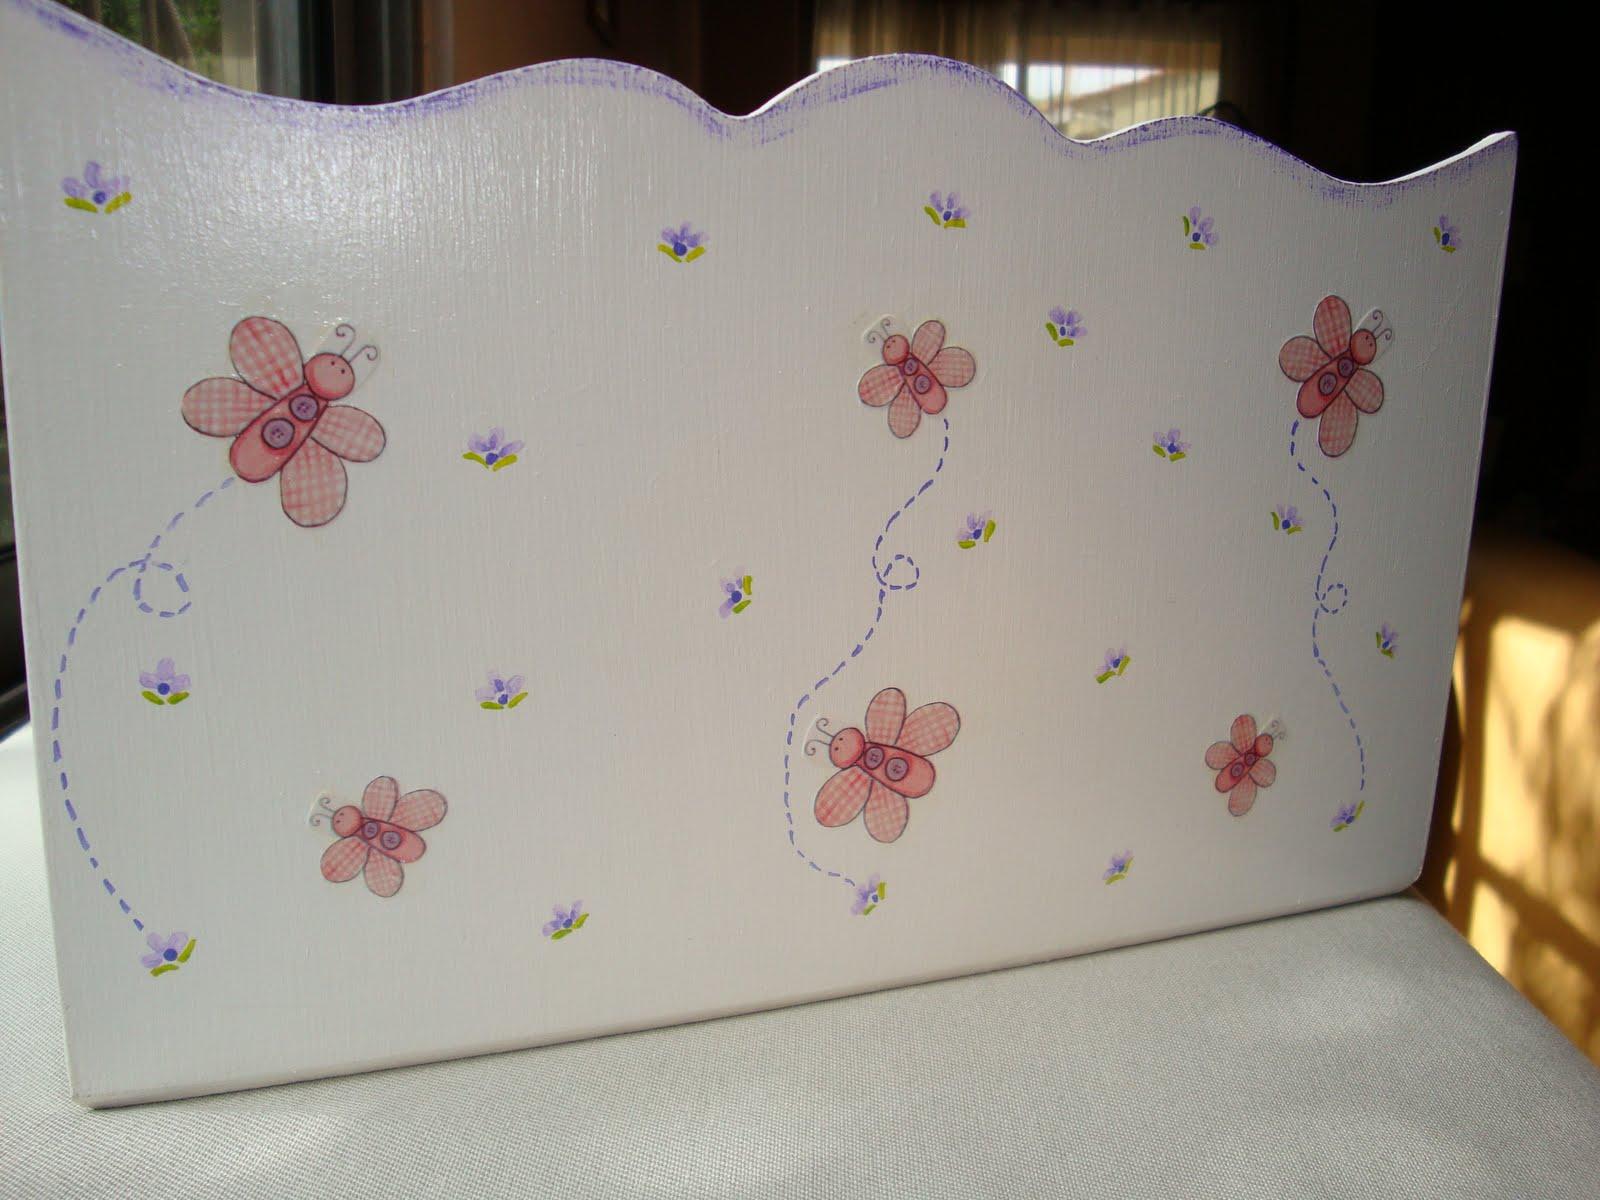 Nayara regalos artesanales portacosmeticos para bebes - Cajas decoradas a mano ...